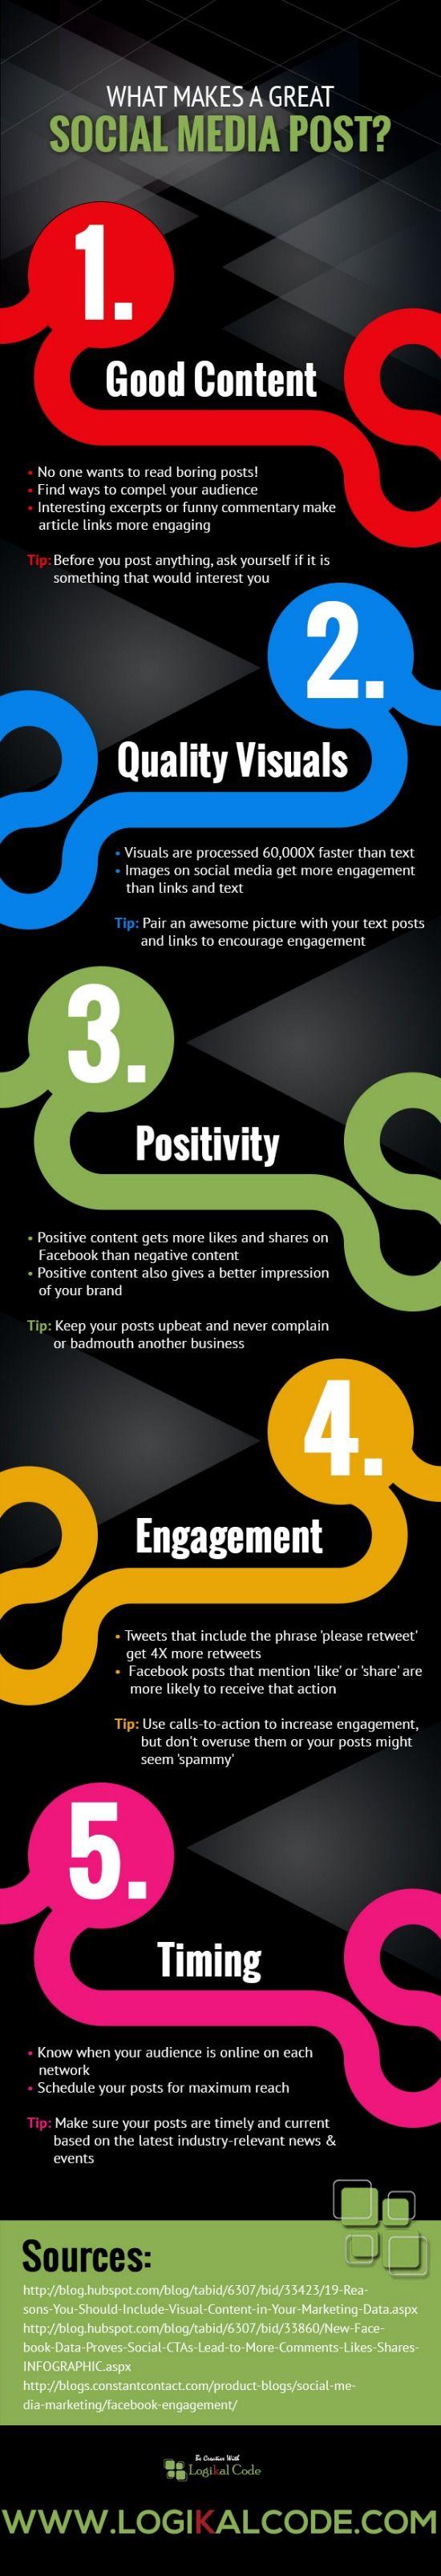 Gli elementi di un buon post sui #socialmedia: buoni contenuti, qualità grafica, engagement, una giusta tempistica di pubblicazione e tanta positività! ^_^